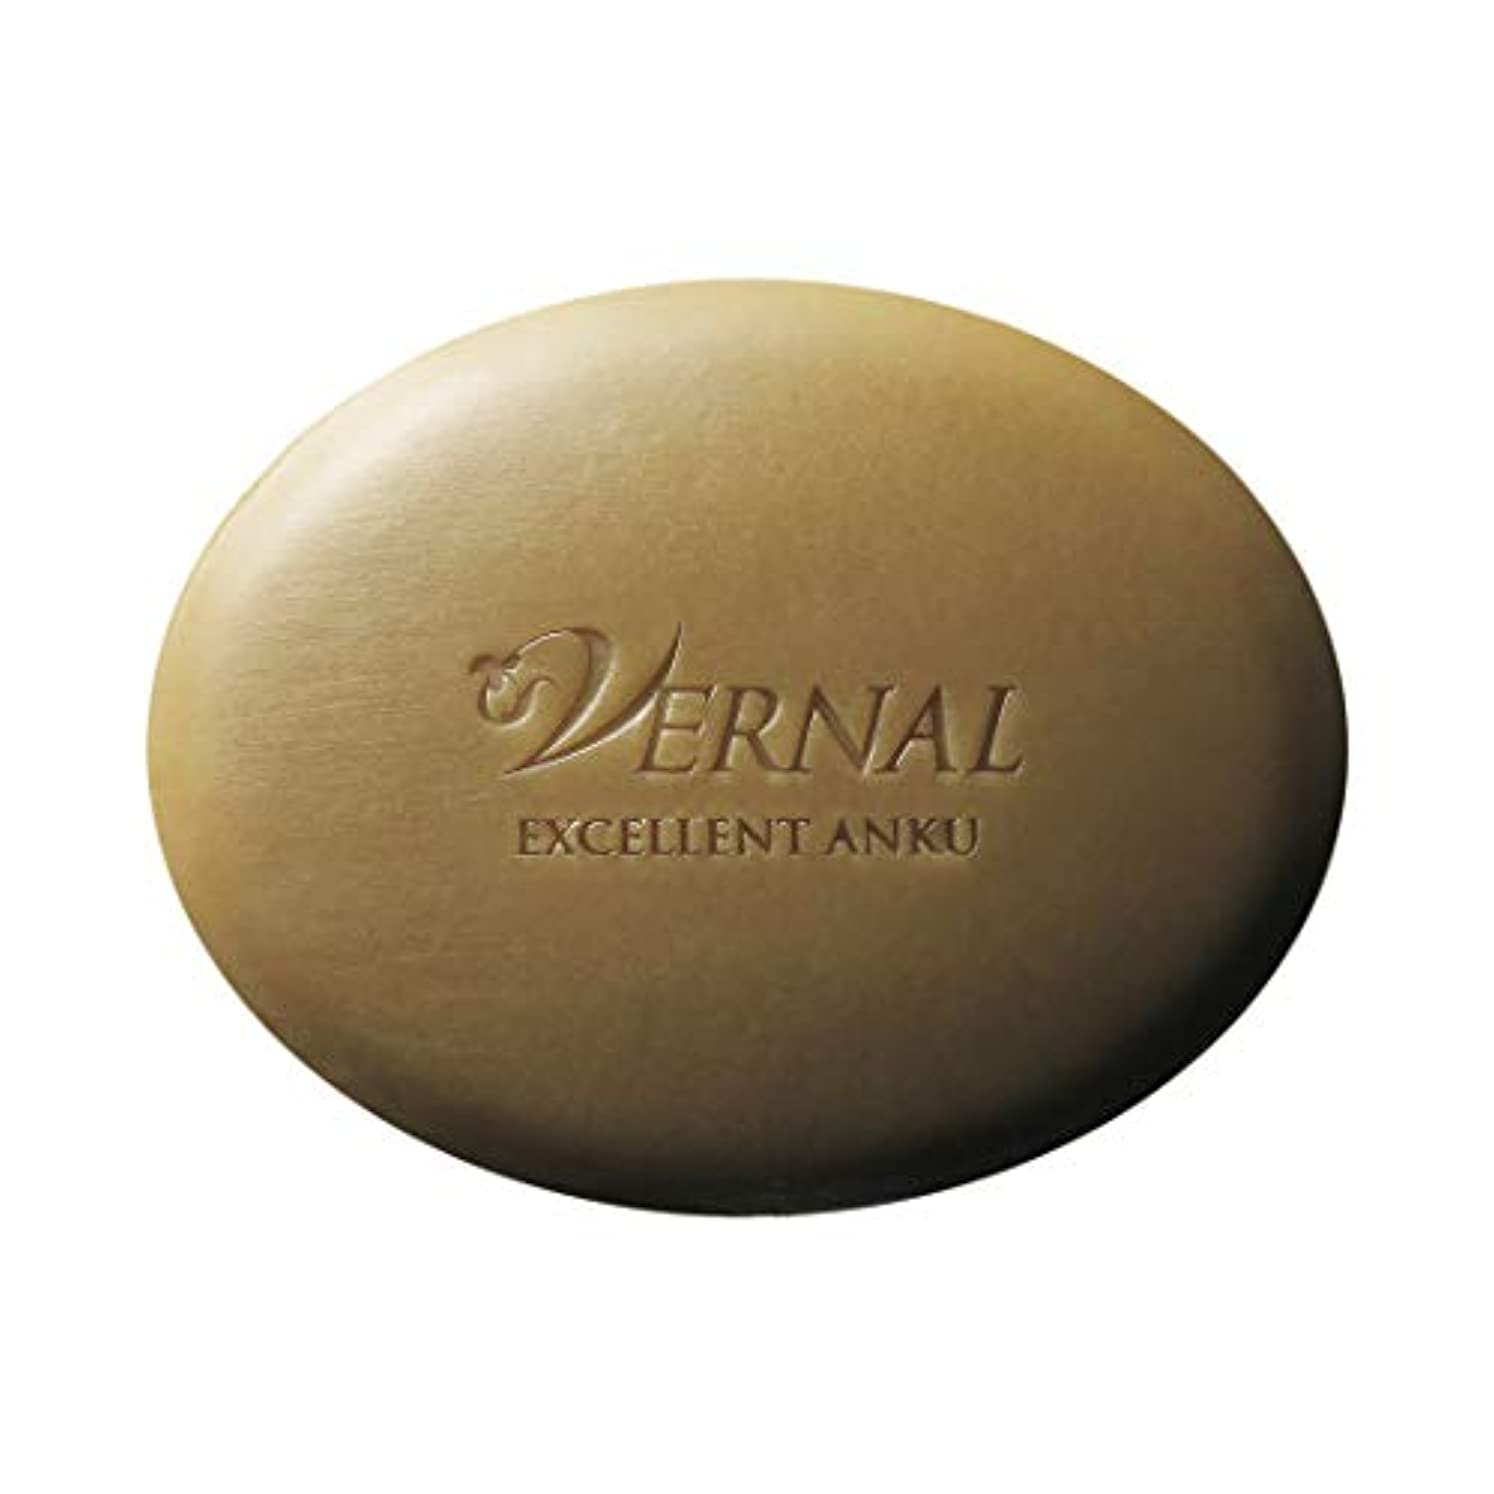 通貨小包楽観エクセレントアンク110g/ヴァーナル 洗顔石鹸 クレンジング石鹸